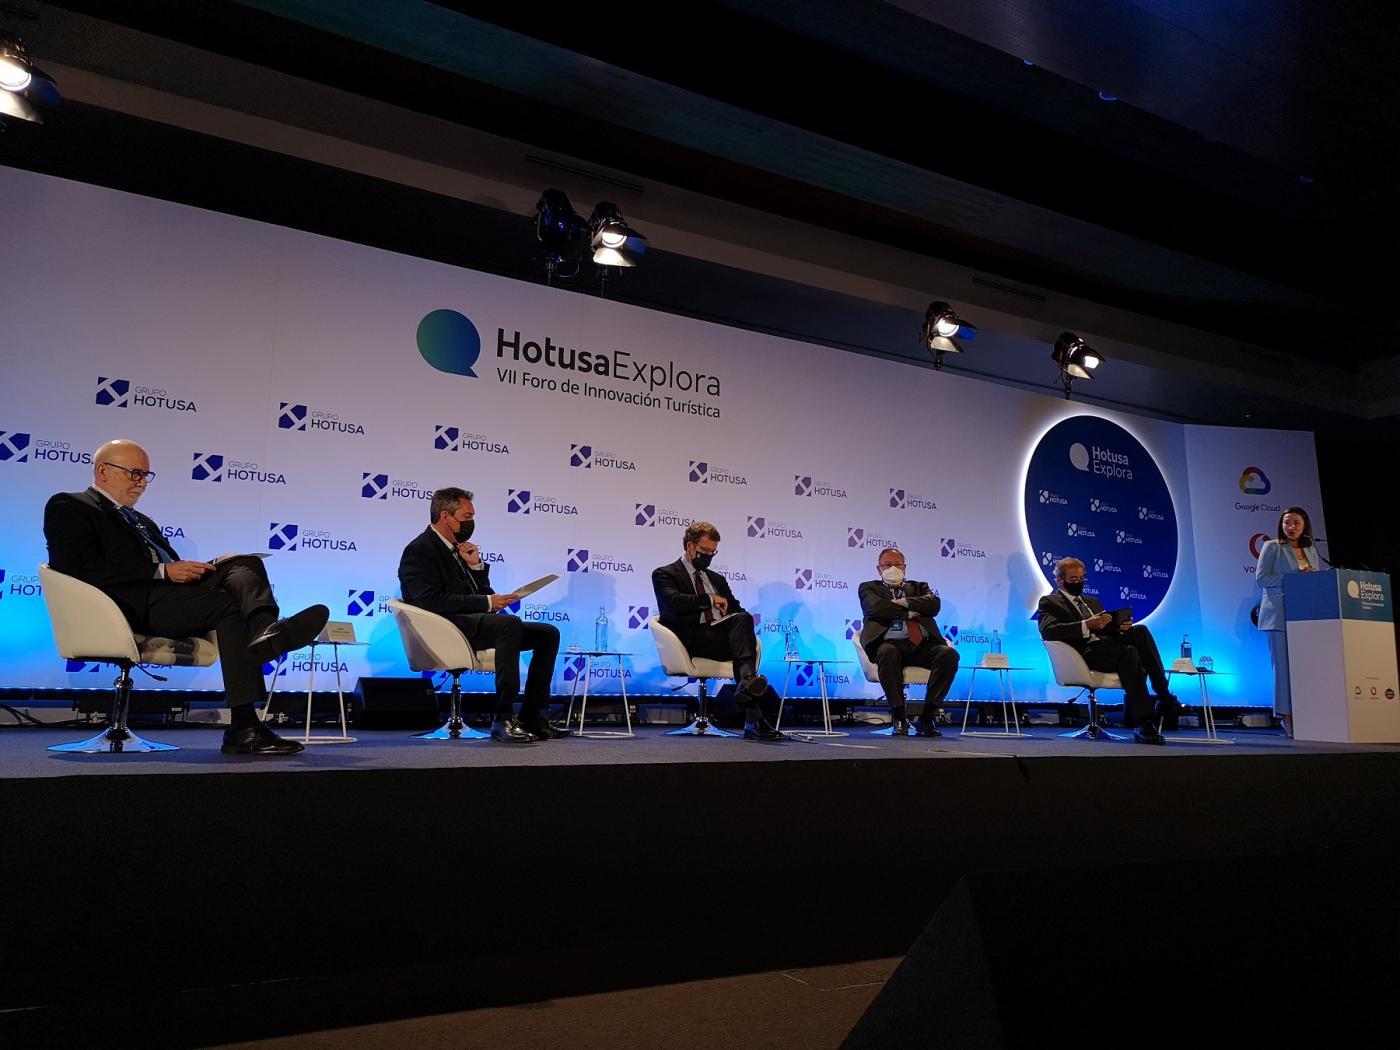 Sevilla quiere negociar con la Junta dónde invertir los fondos europeos para turismo